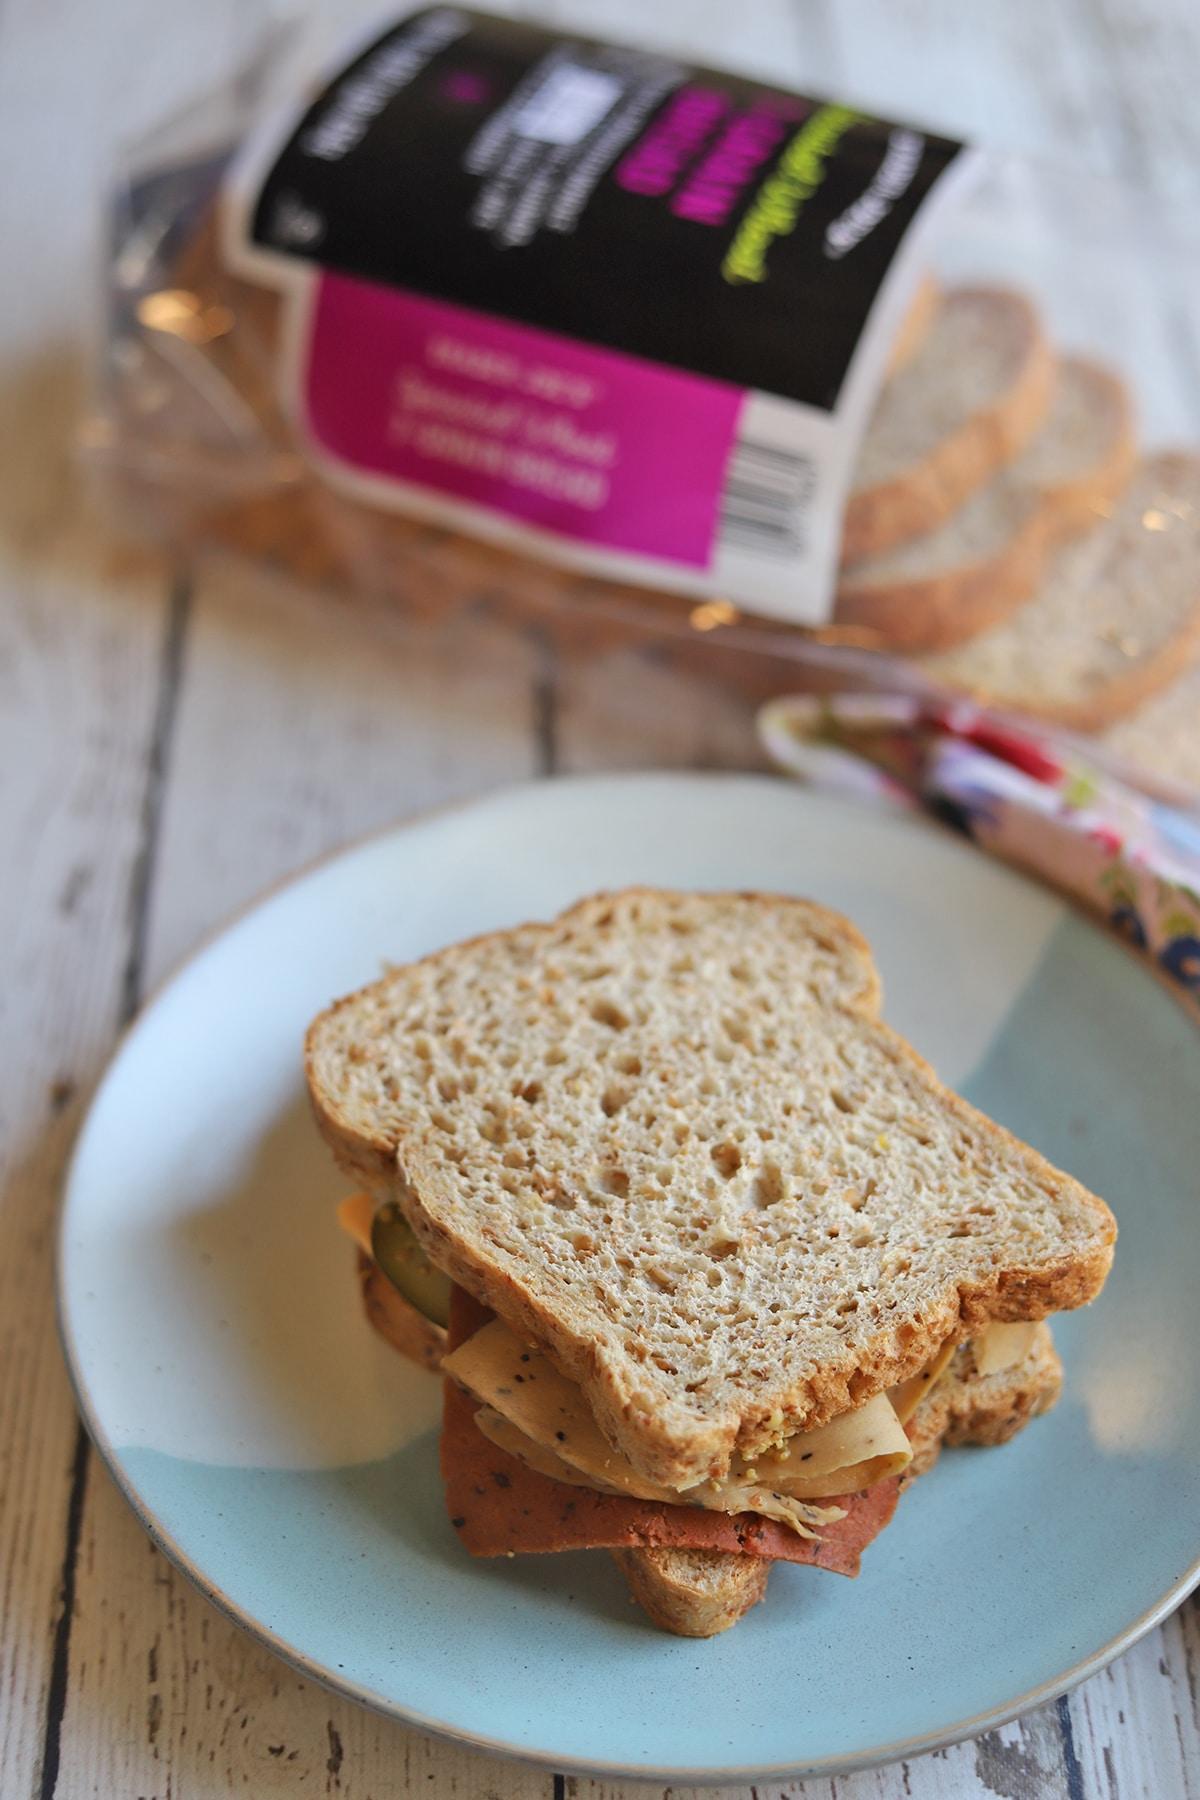 Sandwich by bag of bread.